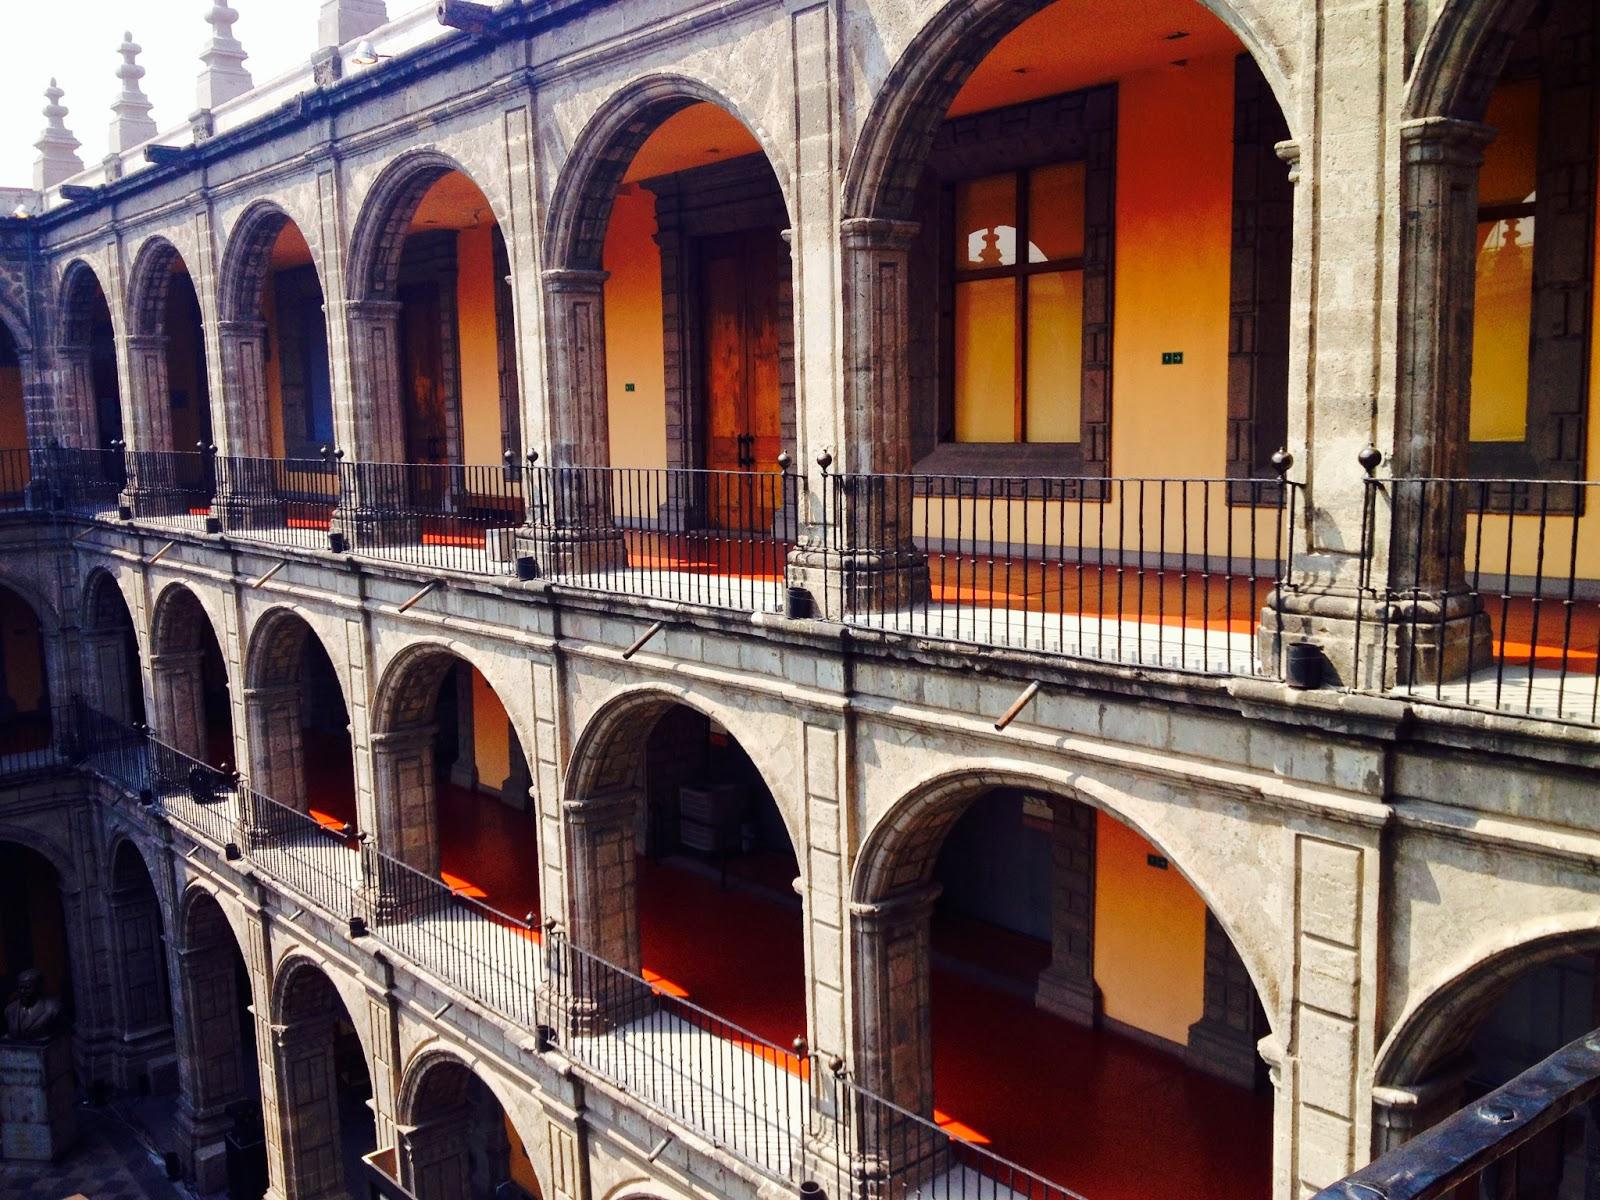 D couvrir le berceau du muralisme mexicain l 39 ancien for Muralisme mexicain